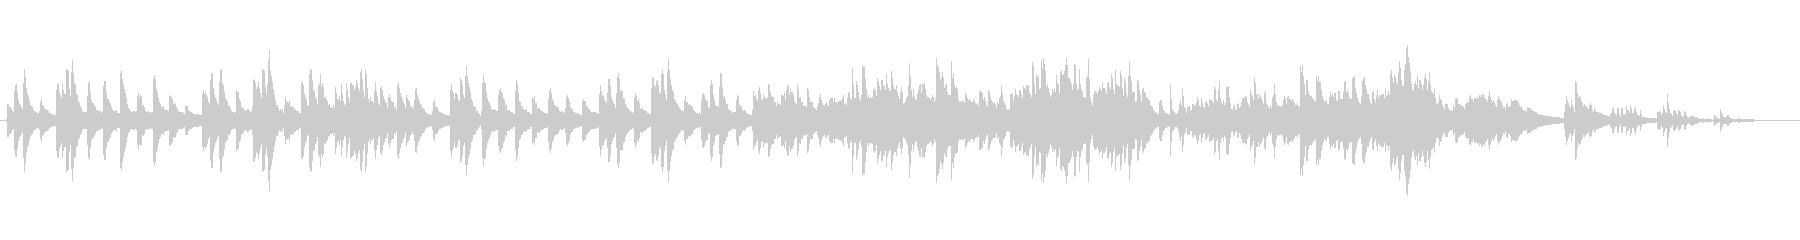 アメイジンググレイスを生ピアノの響きでの未再生の波形